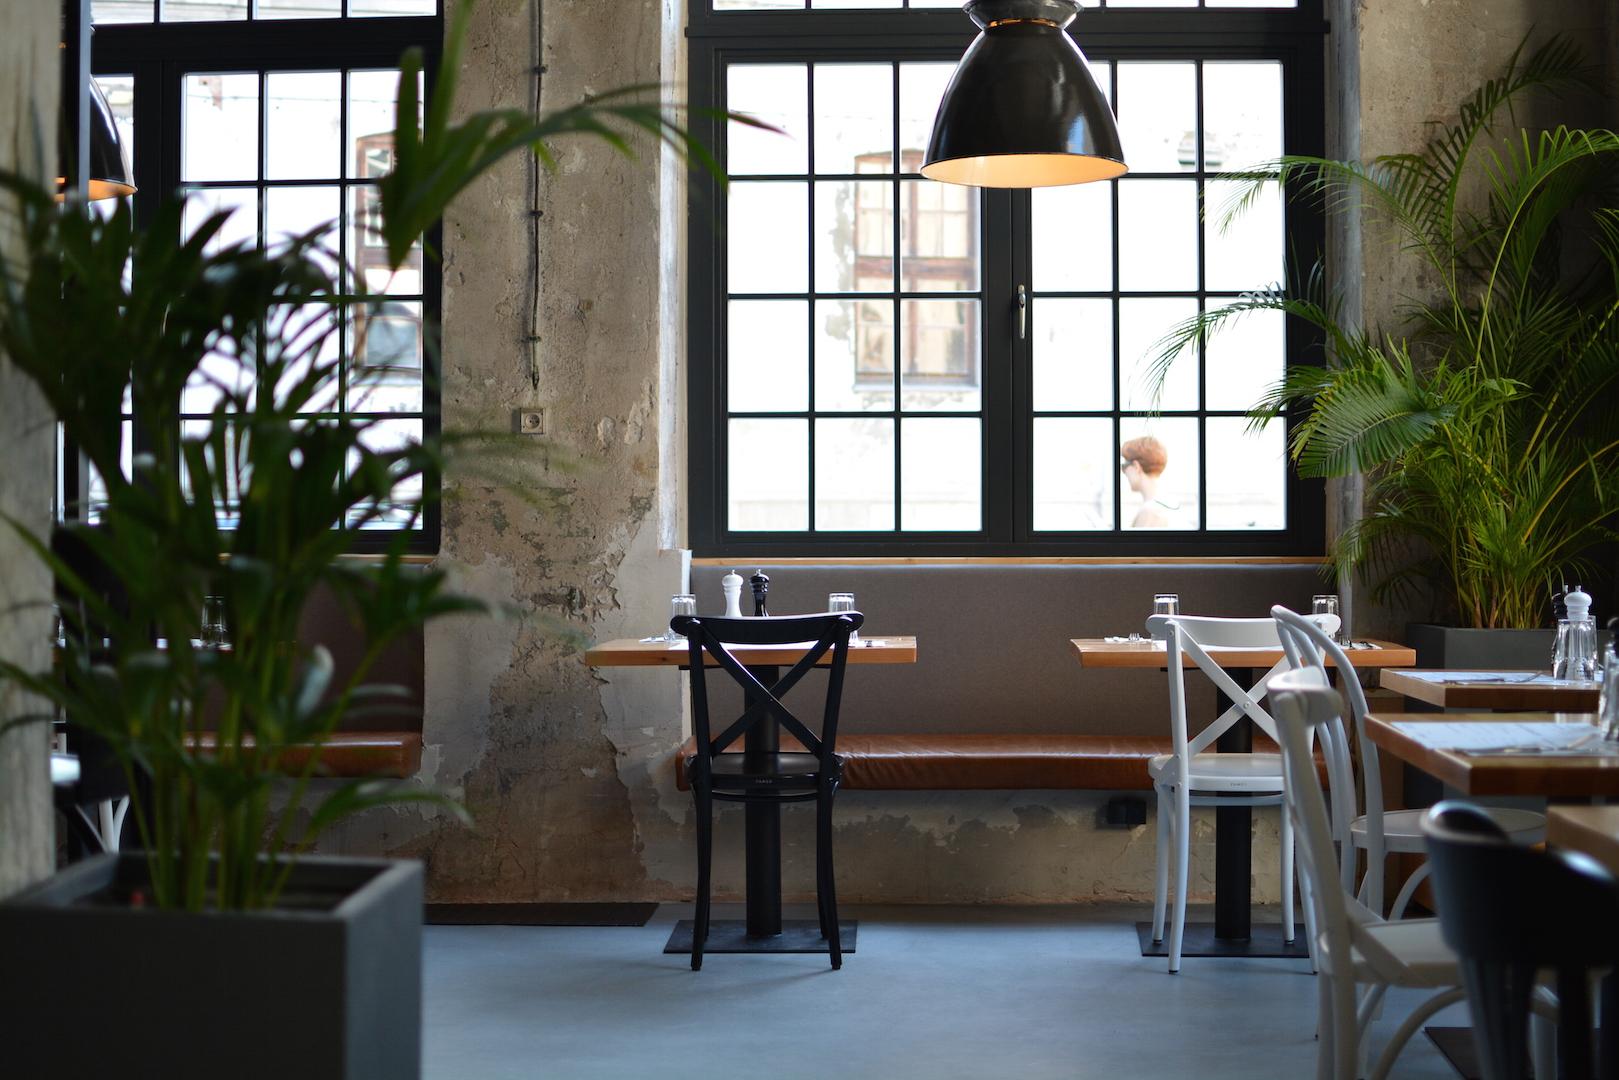 5 najlepszych miejsc na śniadanie w krakowie, gdzie jeść w krakowie, śniadanie kraków, miedzymiastowa, dolnych młynów, fabryka tytoniu kraków